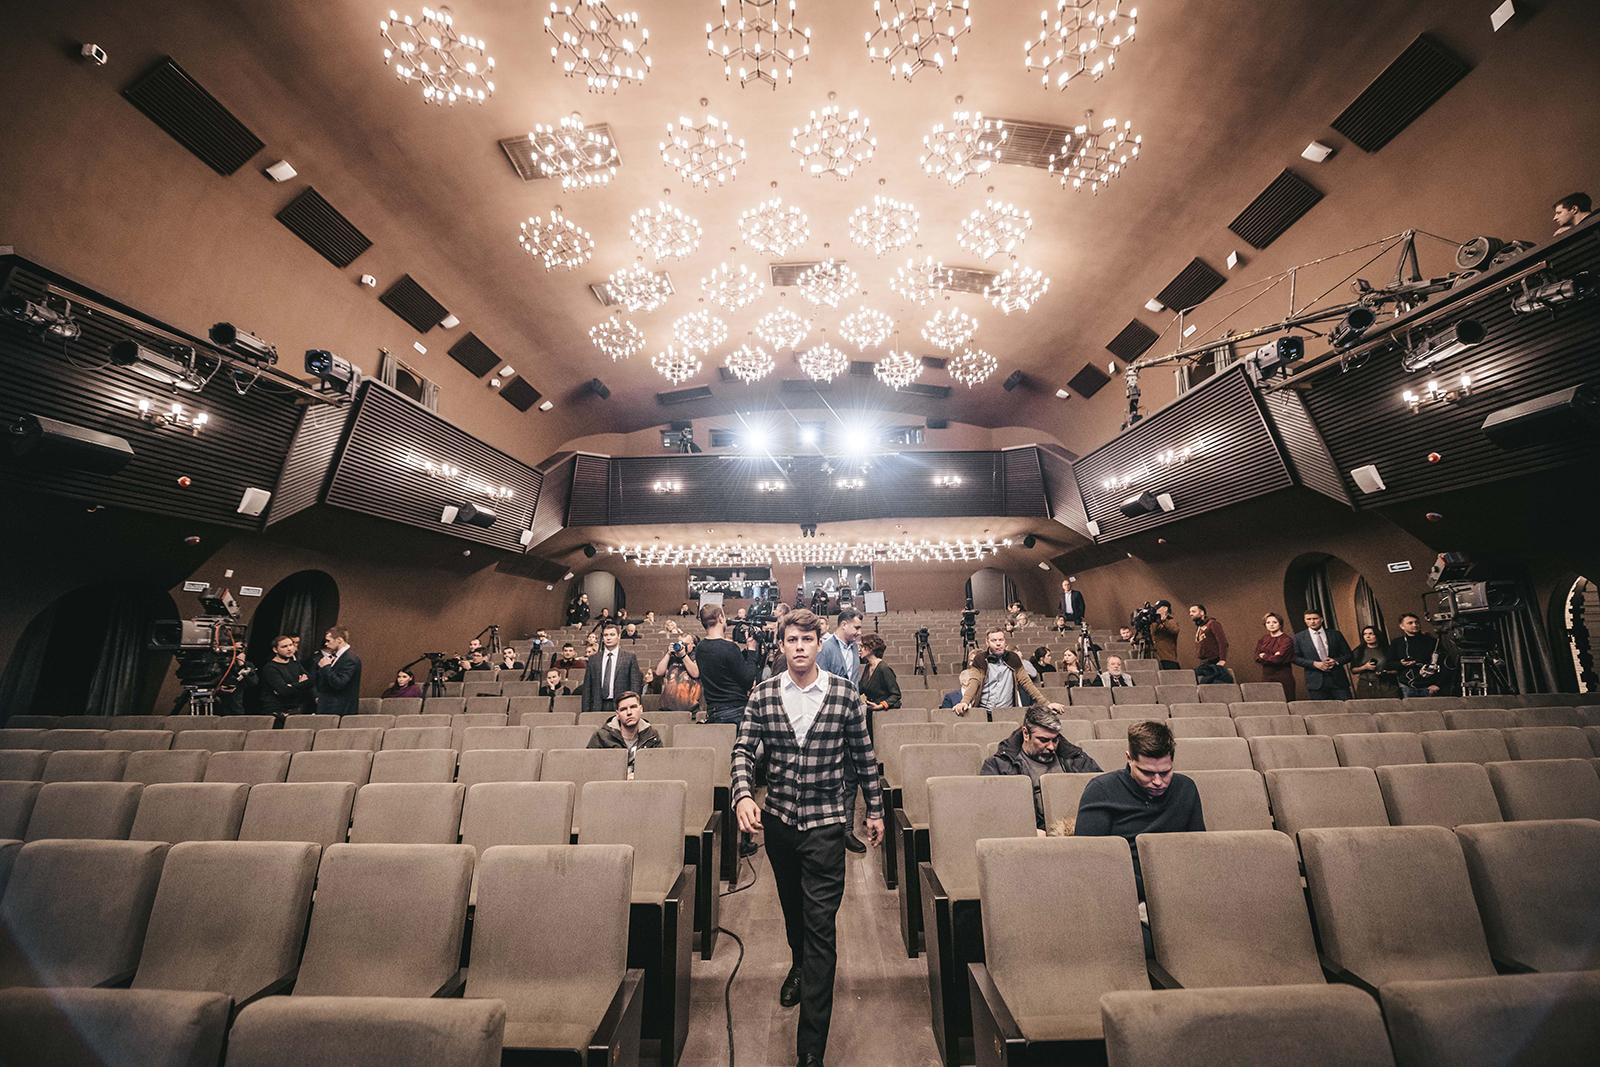 выполнен театр современник фото зала так поняли